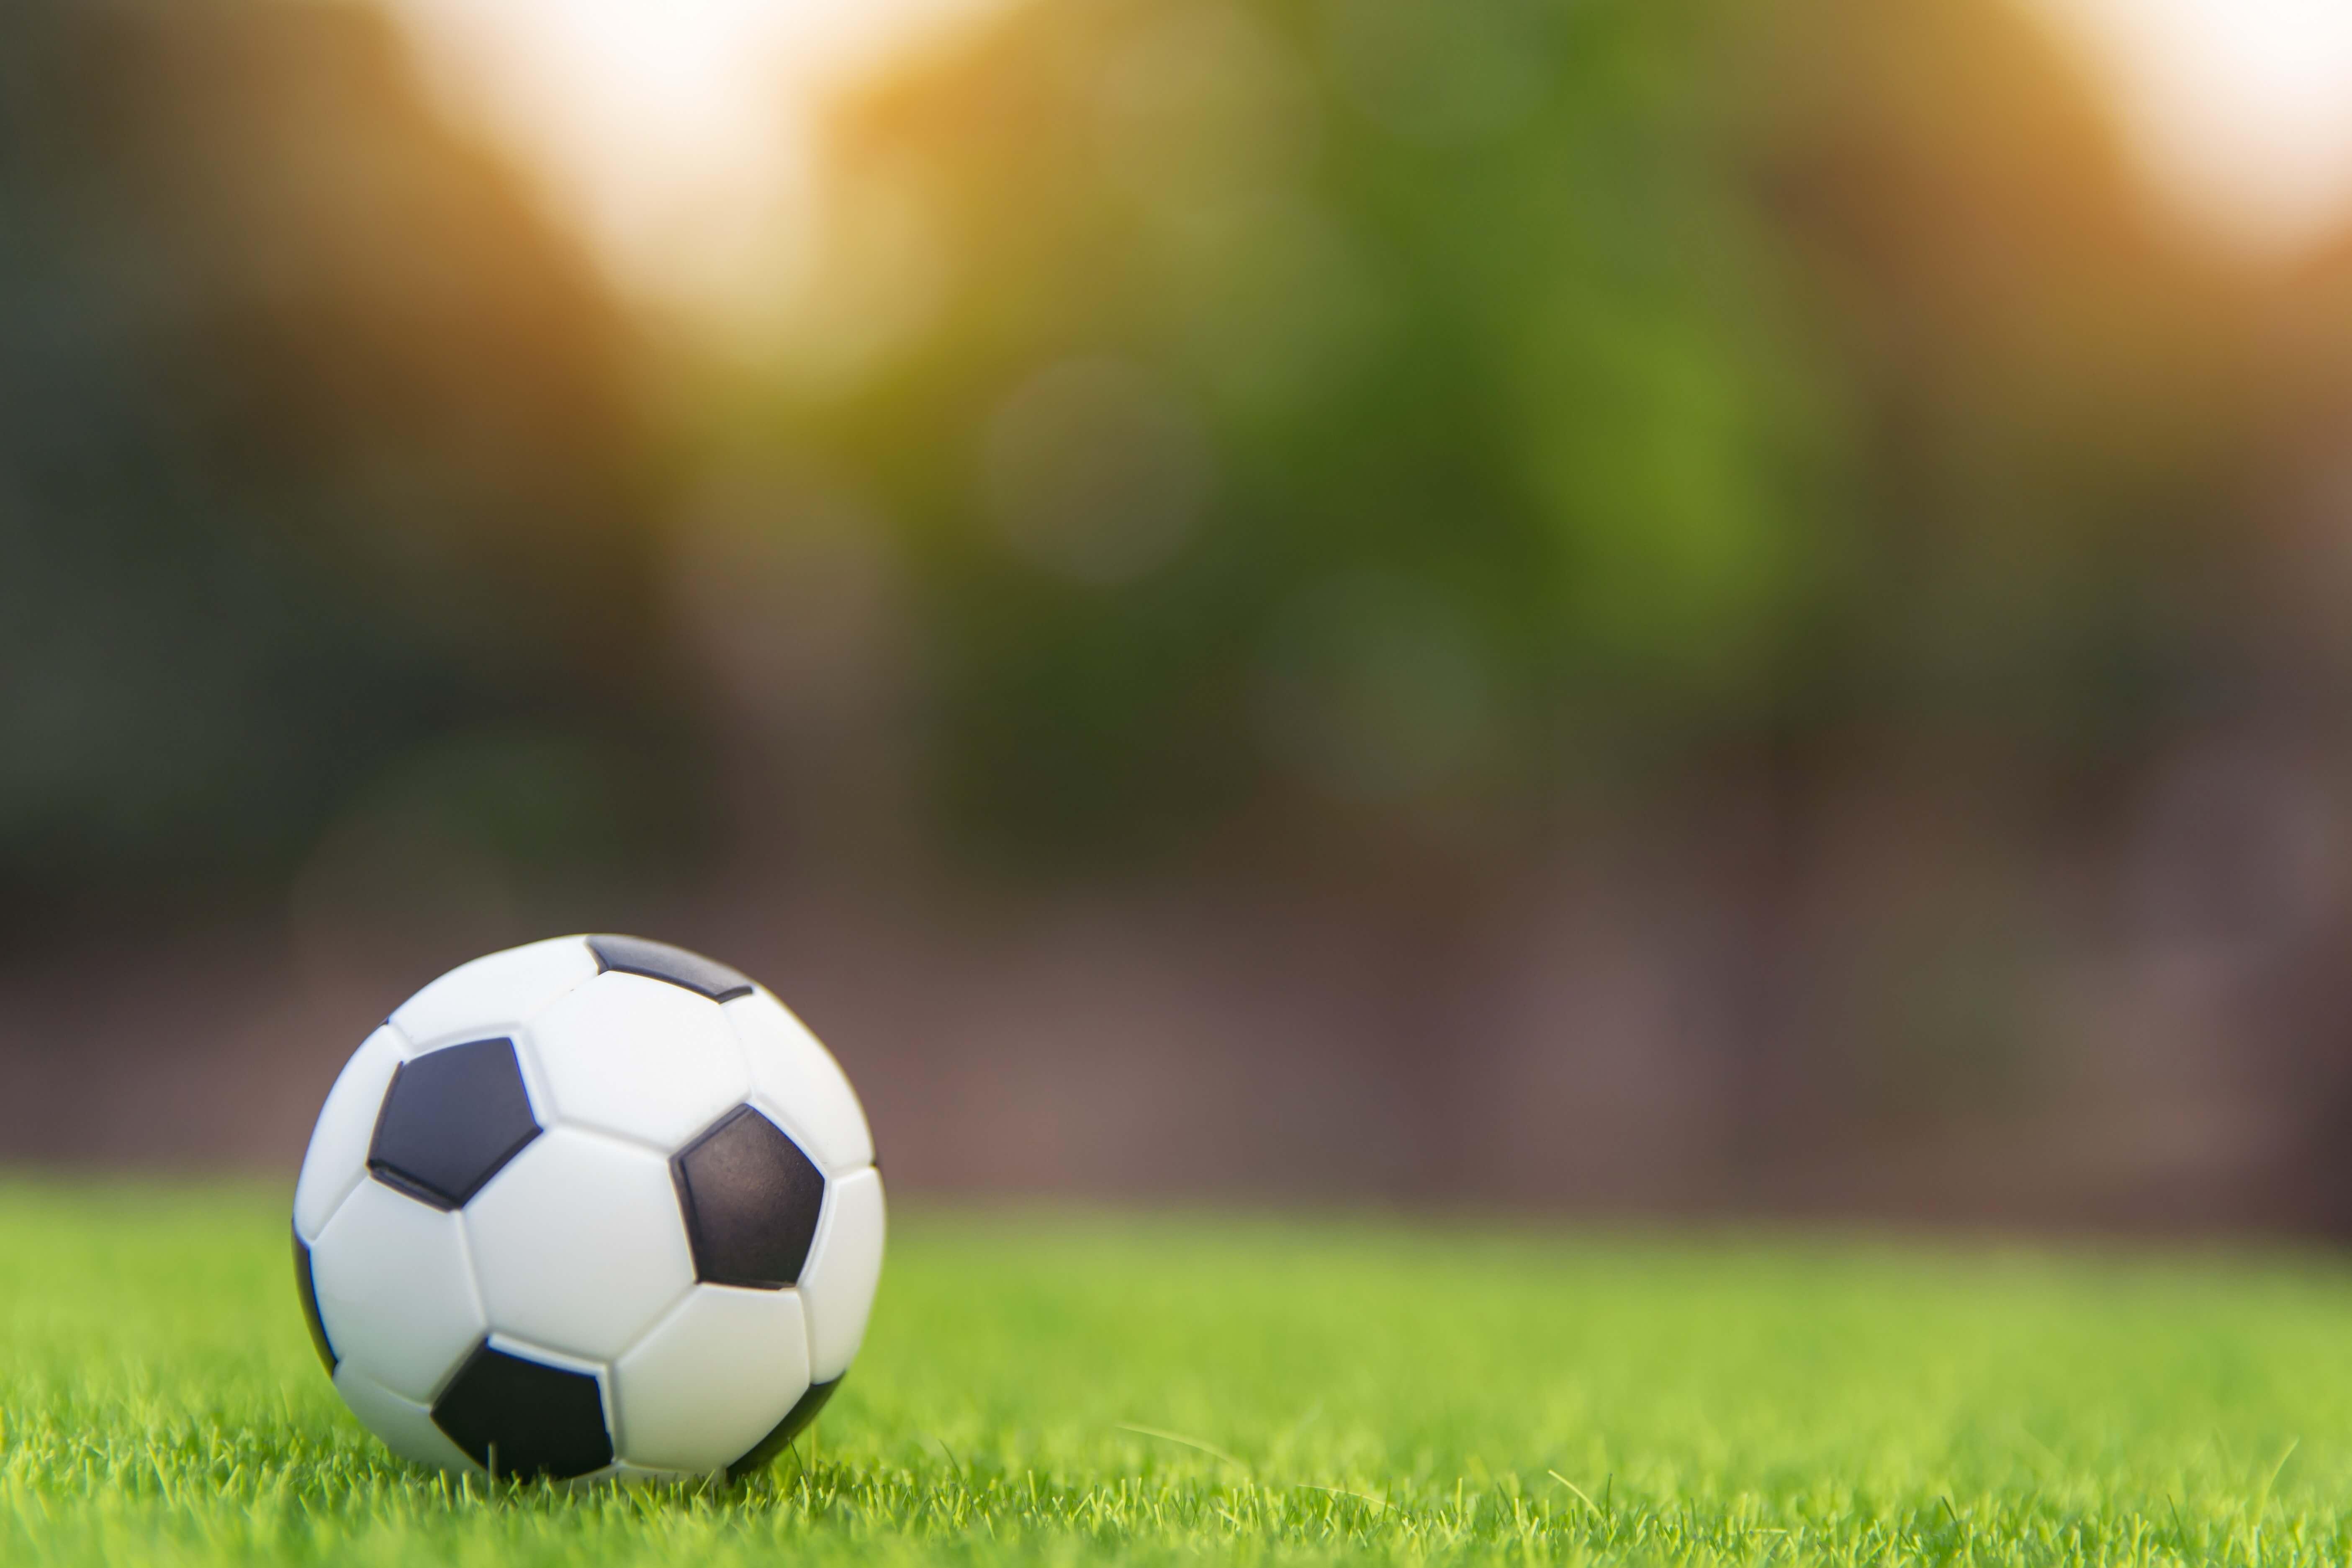 512国际和平足球庆典    透过足球实践和平理念